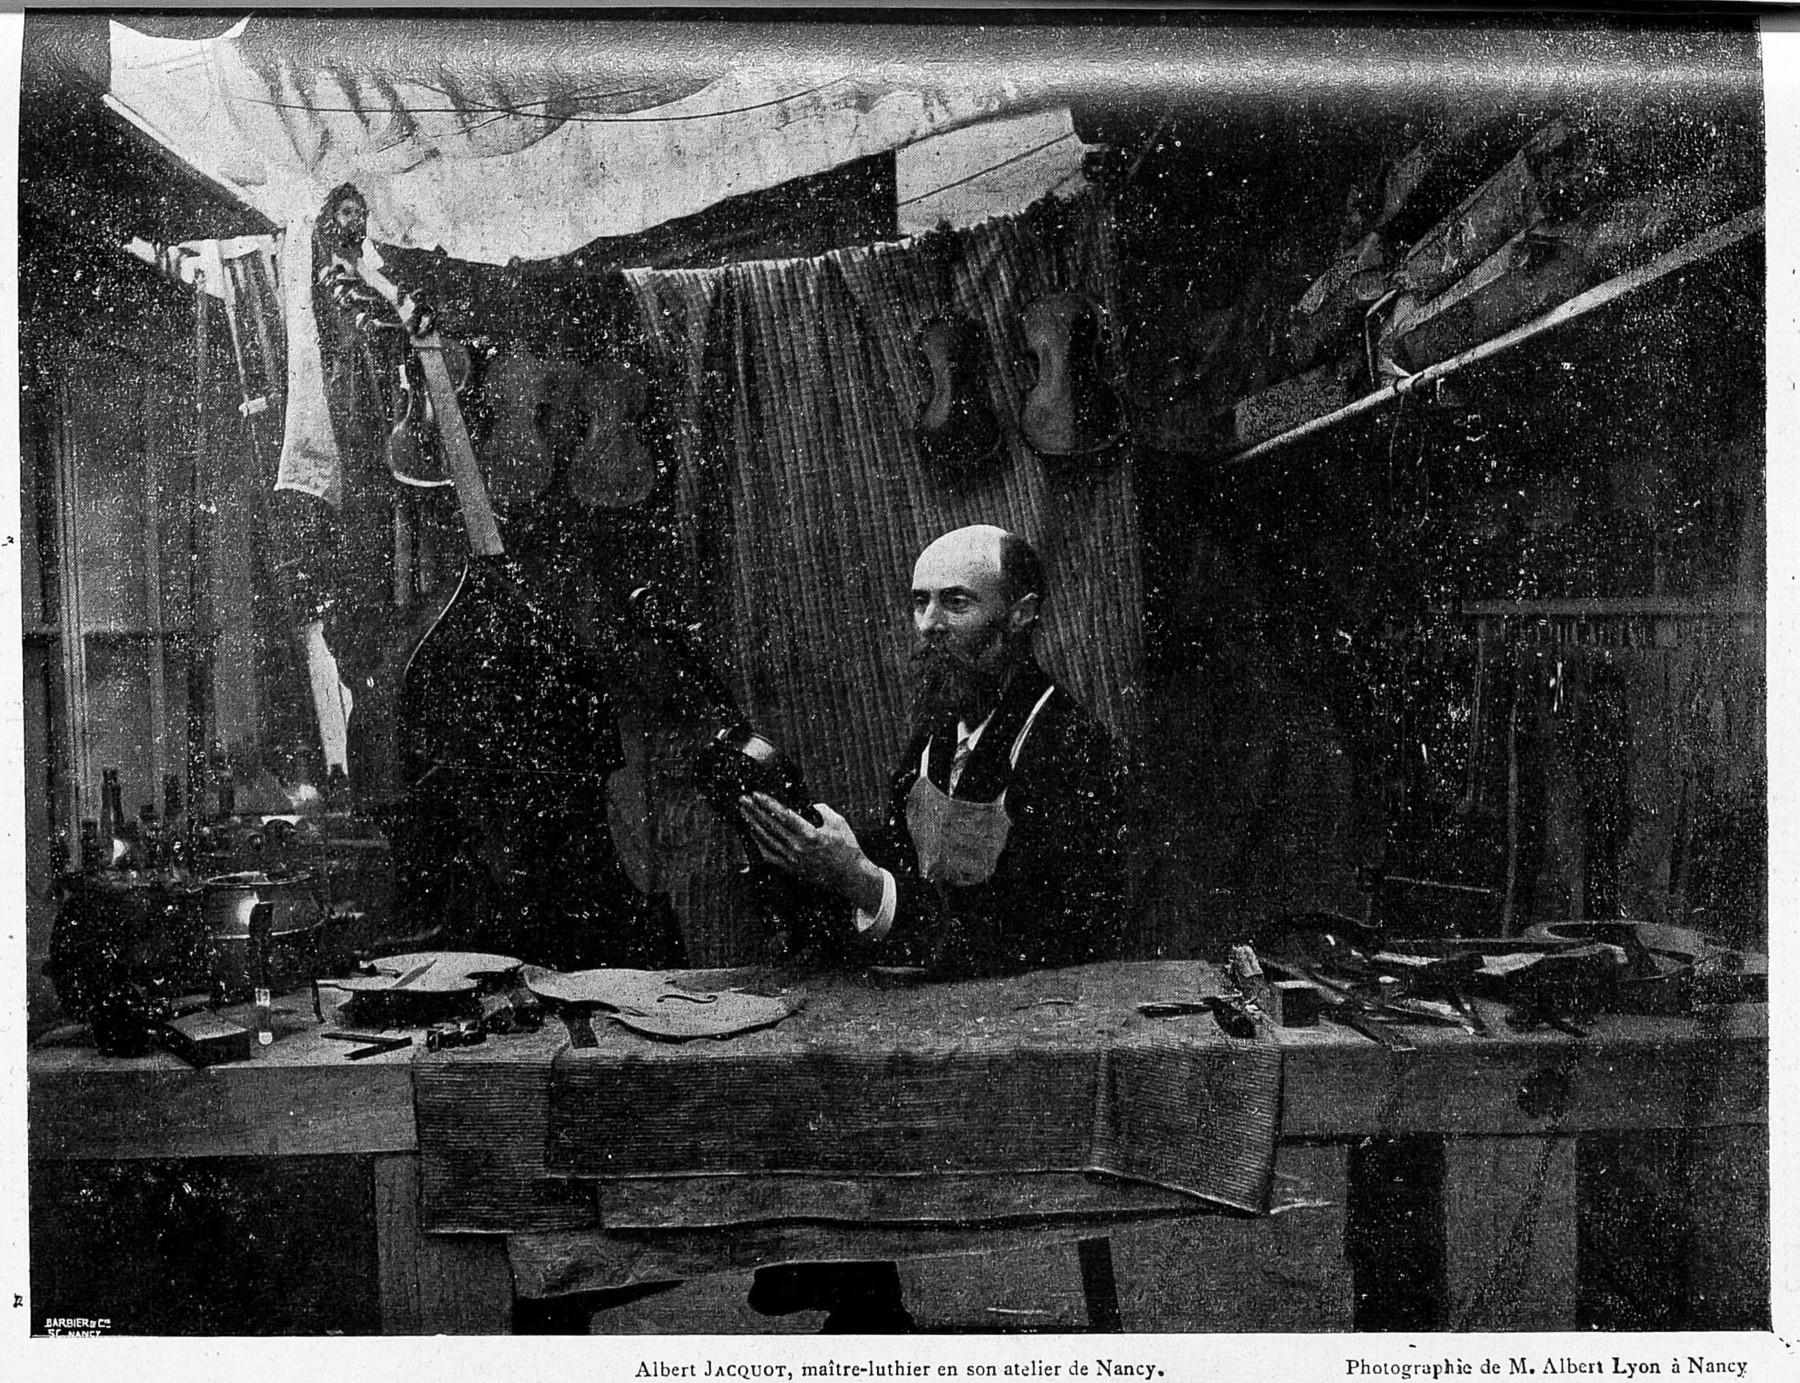 Contenu du Albert Jacquot, maître-luthier